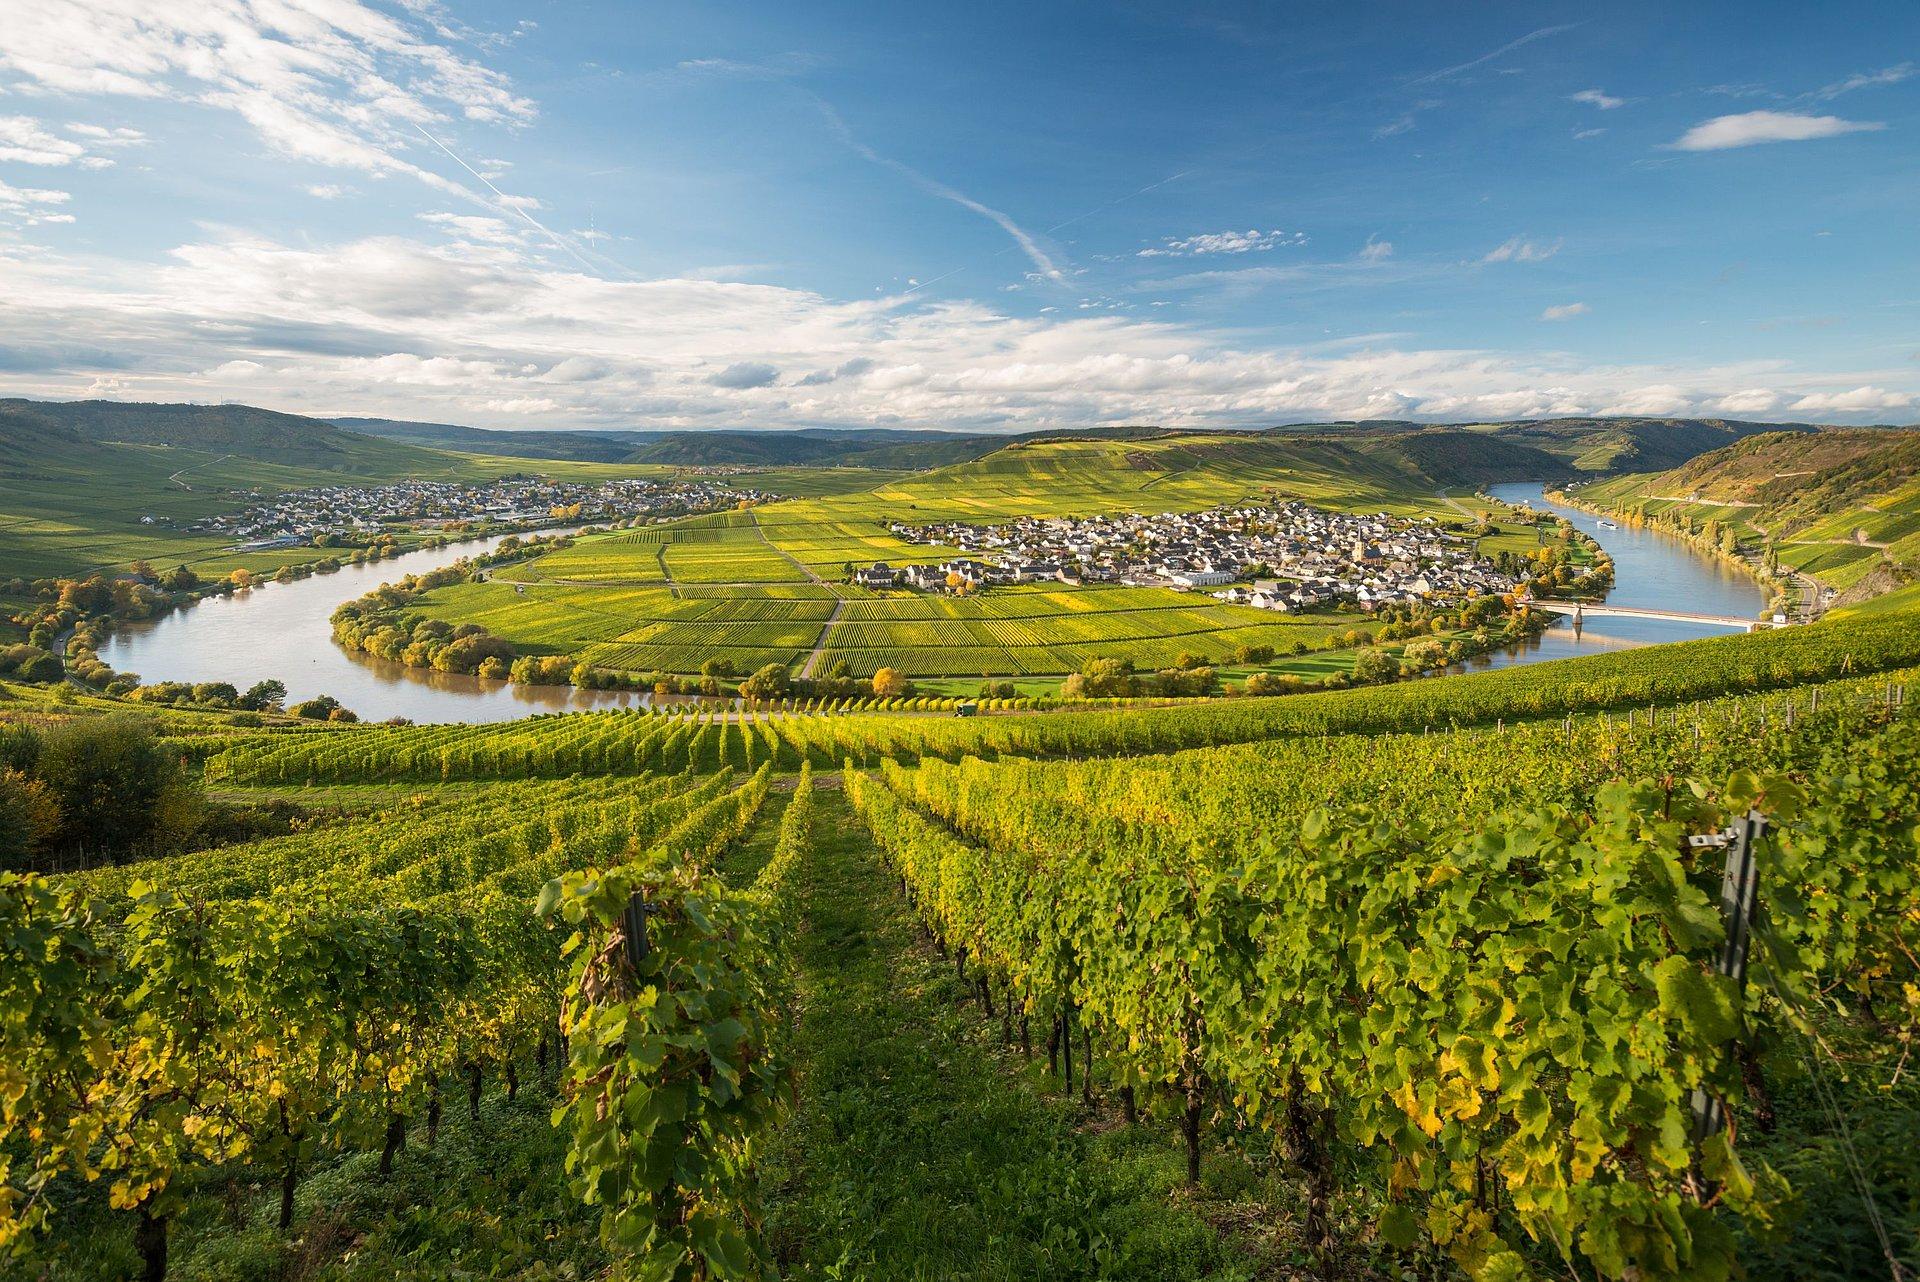 Boucle de la Moselle à Leiwen, vallée de la Moselle